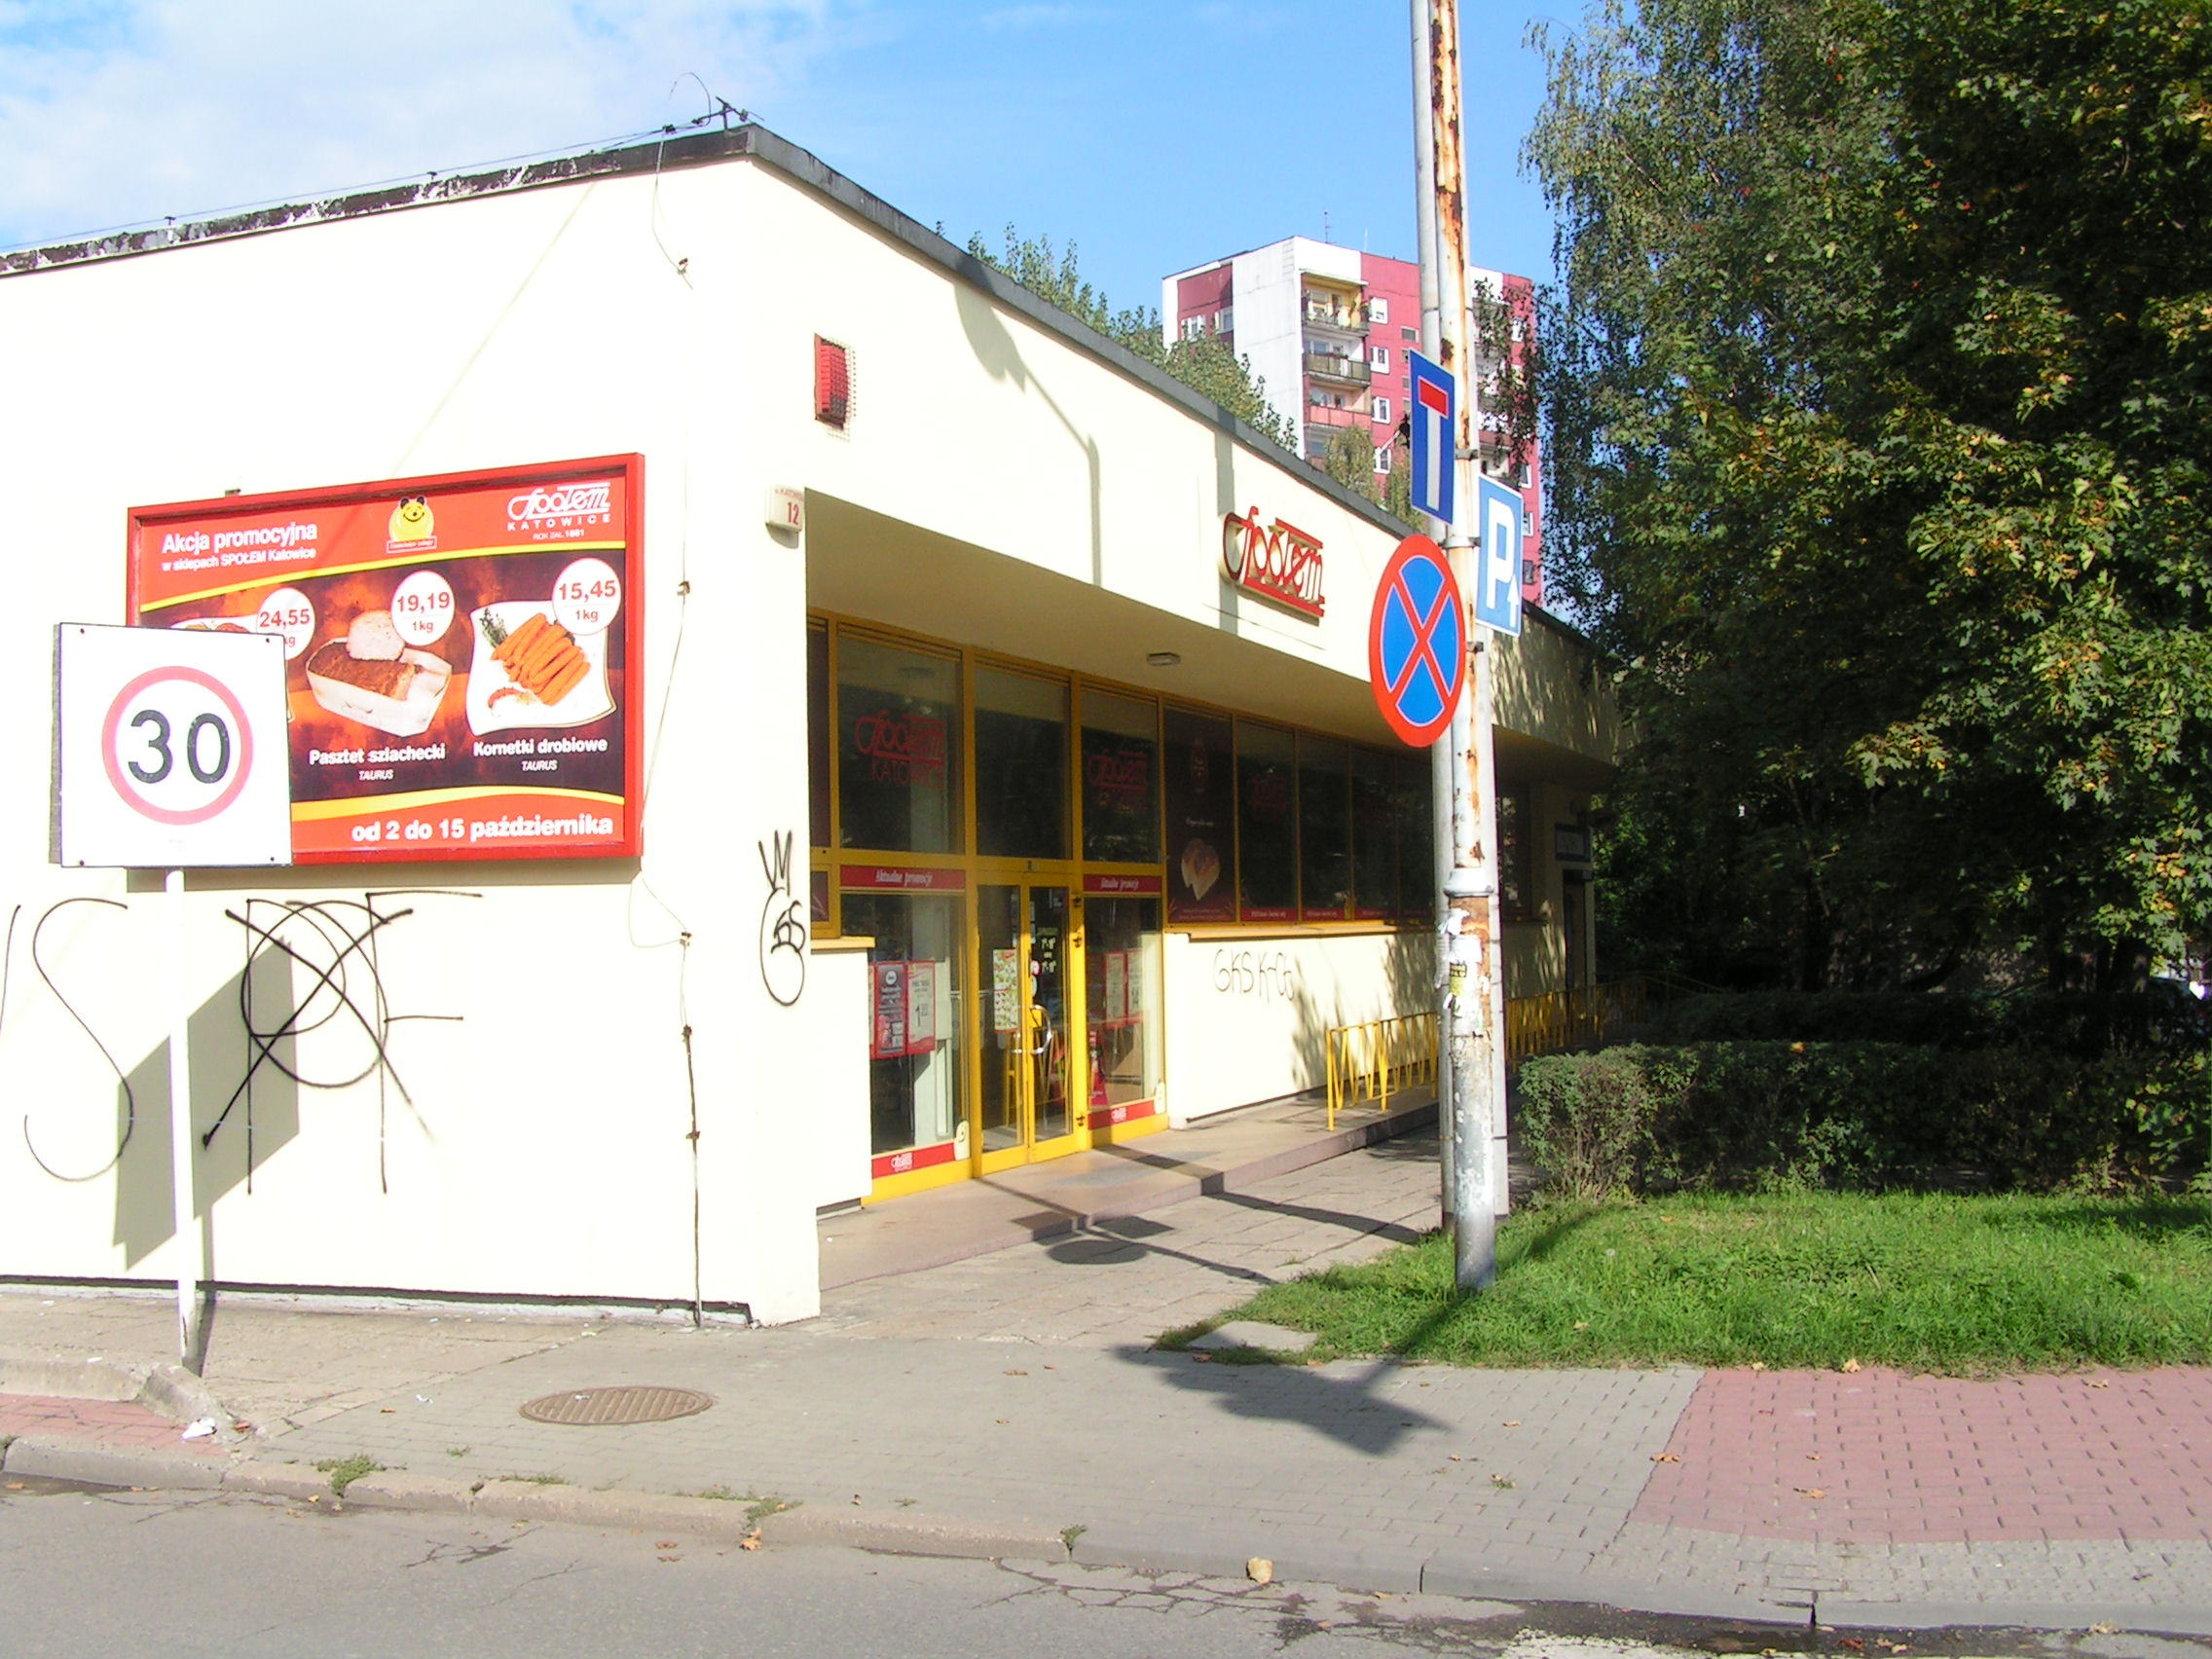 b6ba833b8f951 Społem Powszechna Spółdzielnia Spożywców Katowice Sklep 02-11, Katowice -  Mapa Polski w Zumi.pl